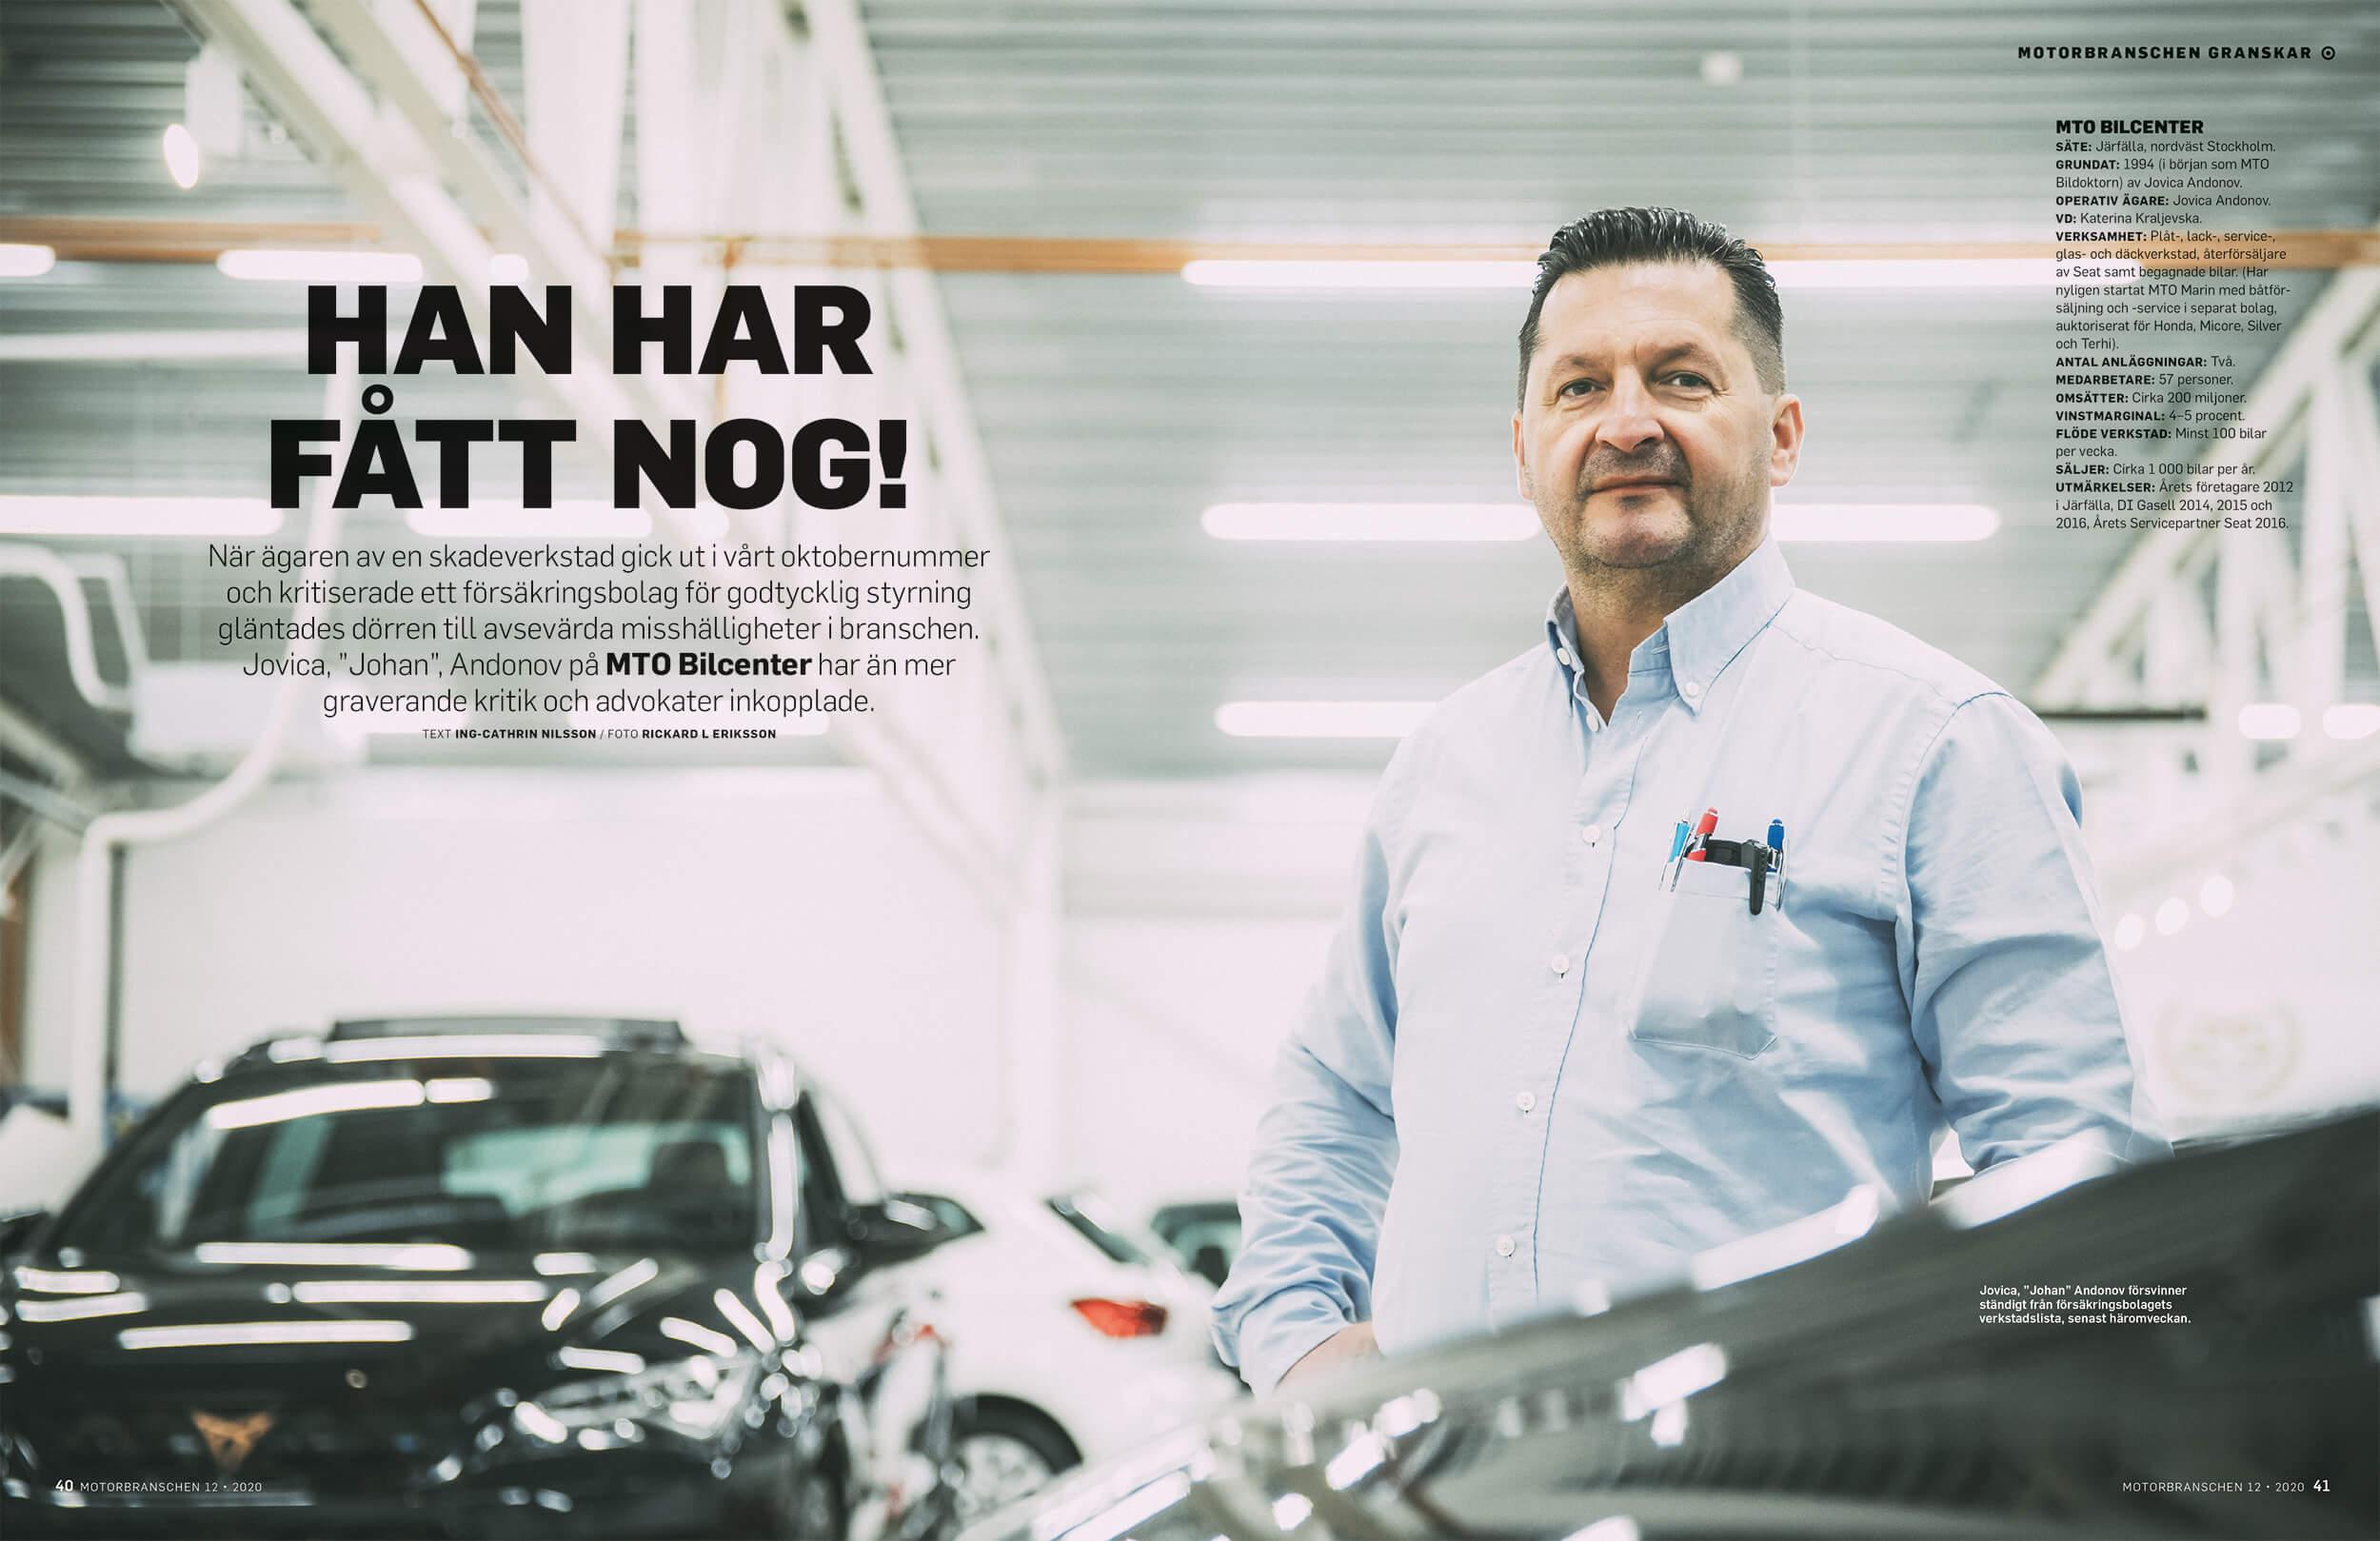 """Intervju i tidningen Motorbranschen med Jovica, """"Johan"""", Andonov på MTO Bilcenter. Skribent Ing-Cathrin Nilsson"""